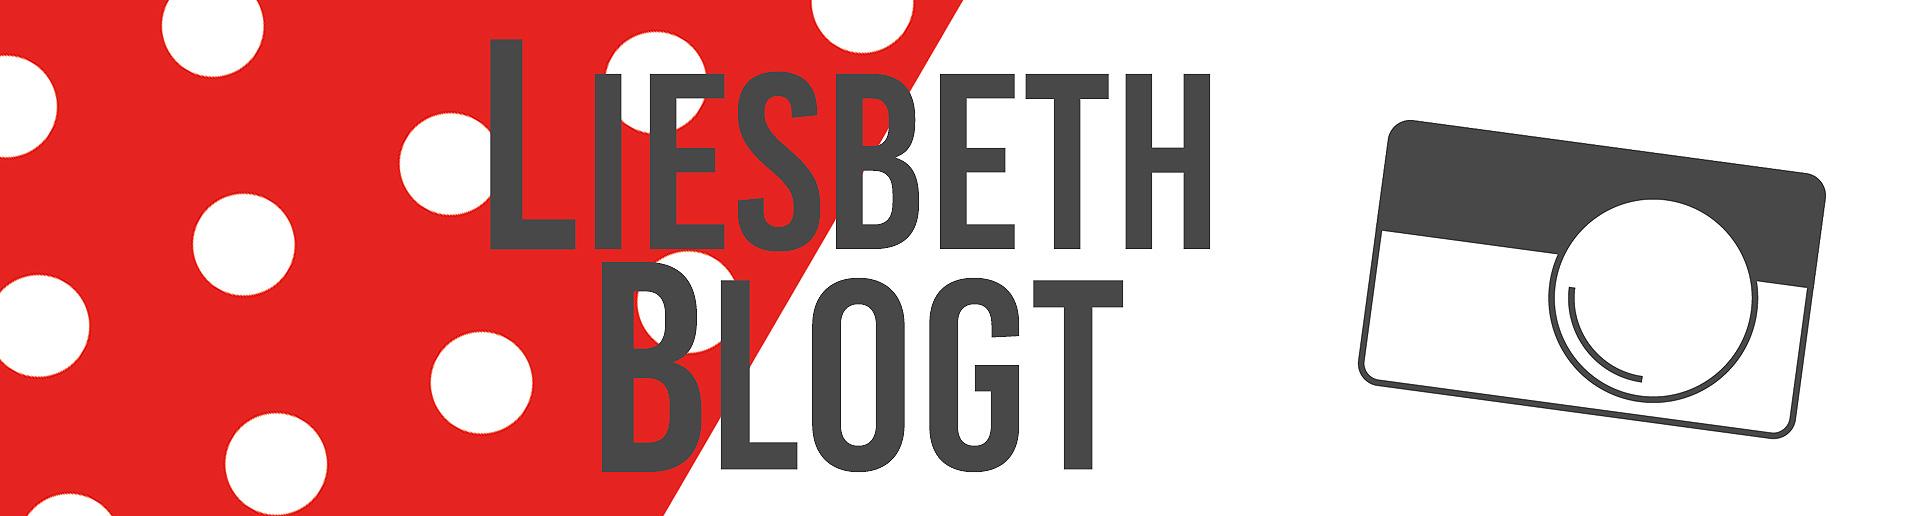 Liesbethblogt.nl